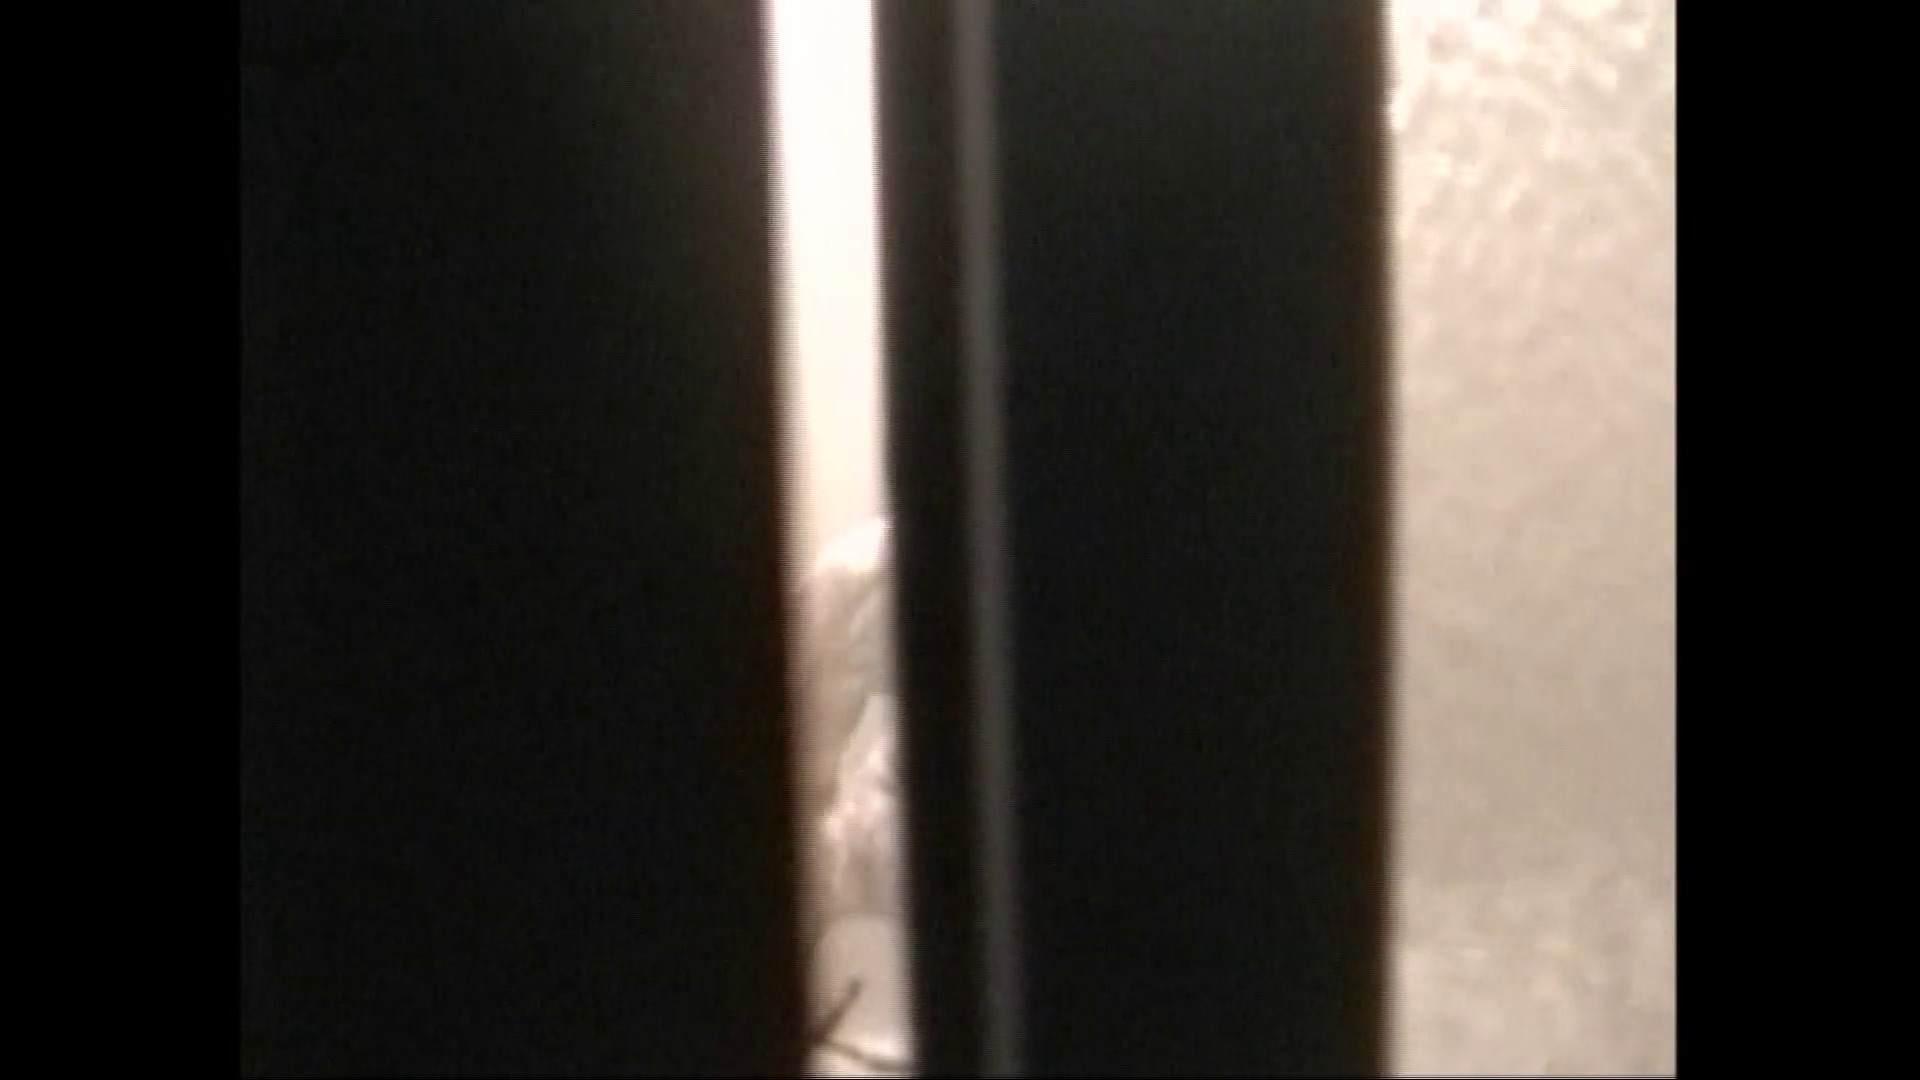 隙間からノゾク風呂 Vol.29 股をグイッとひらいて・・・。 OL   入浴シーン  89連発 42